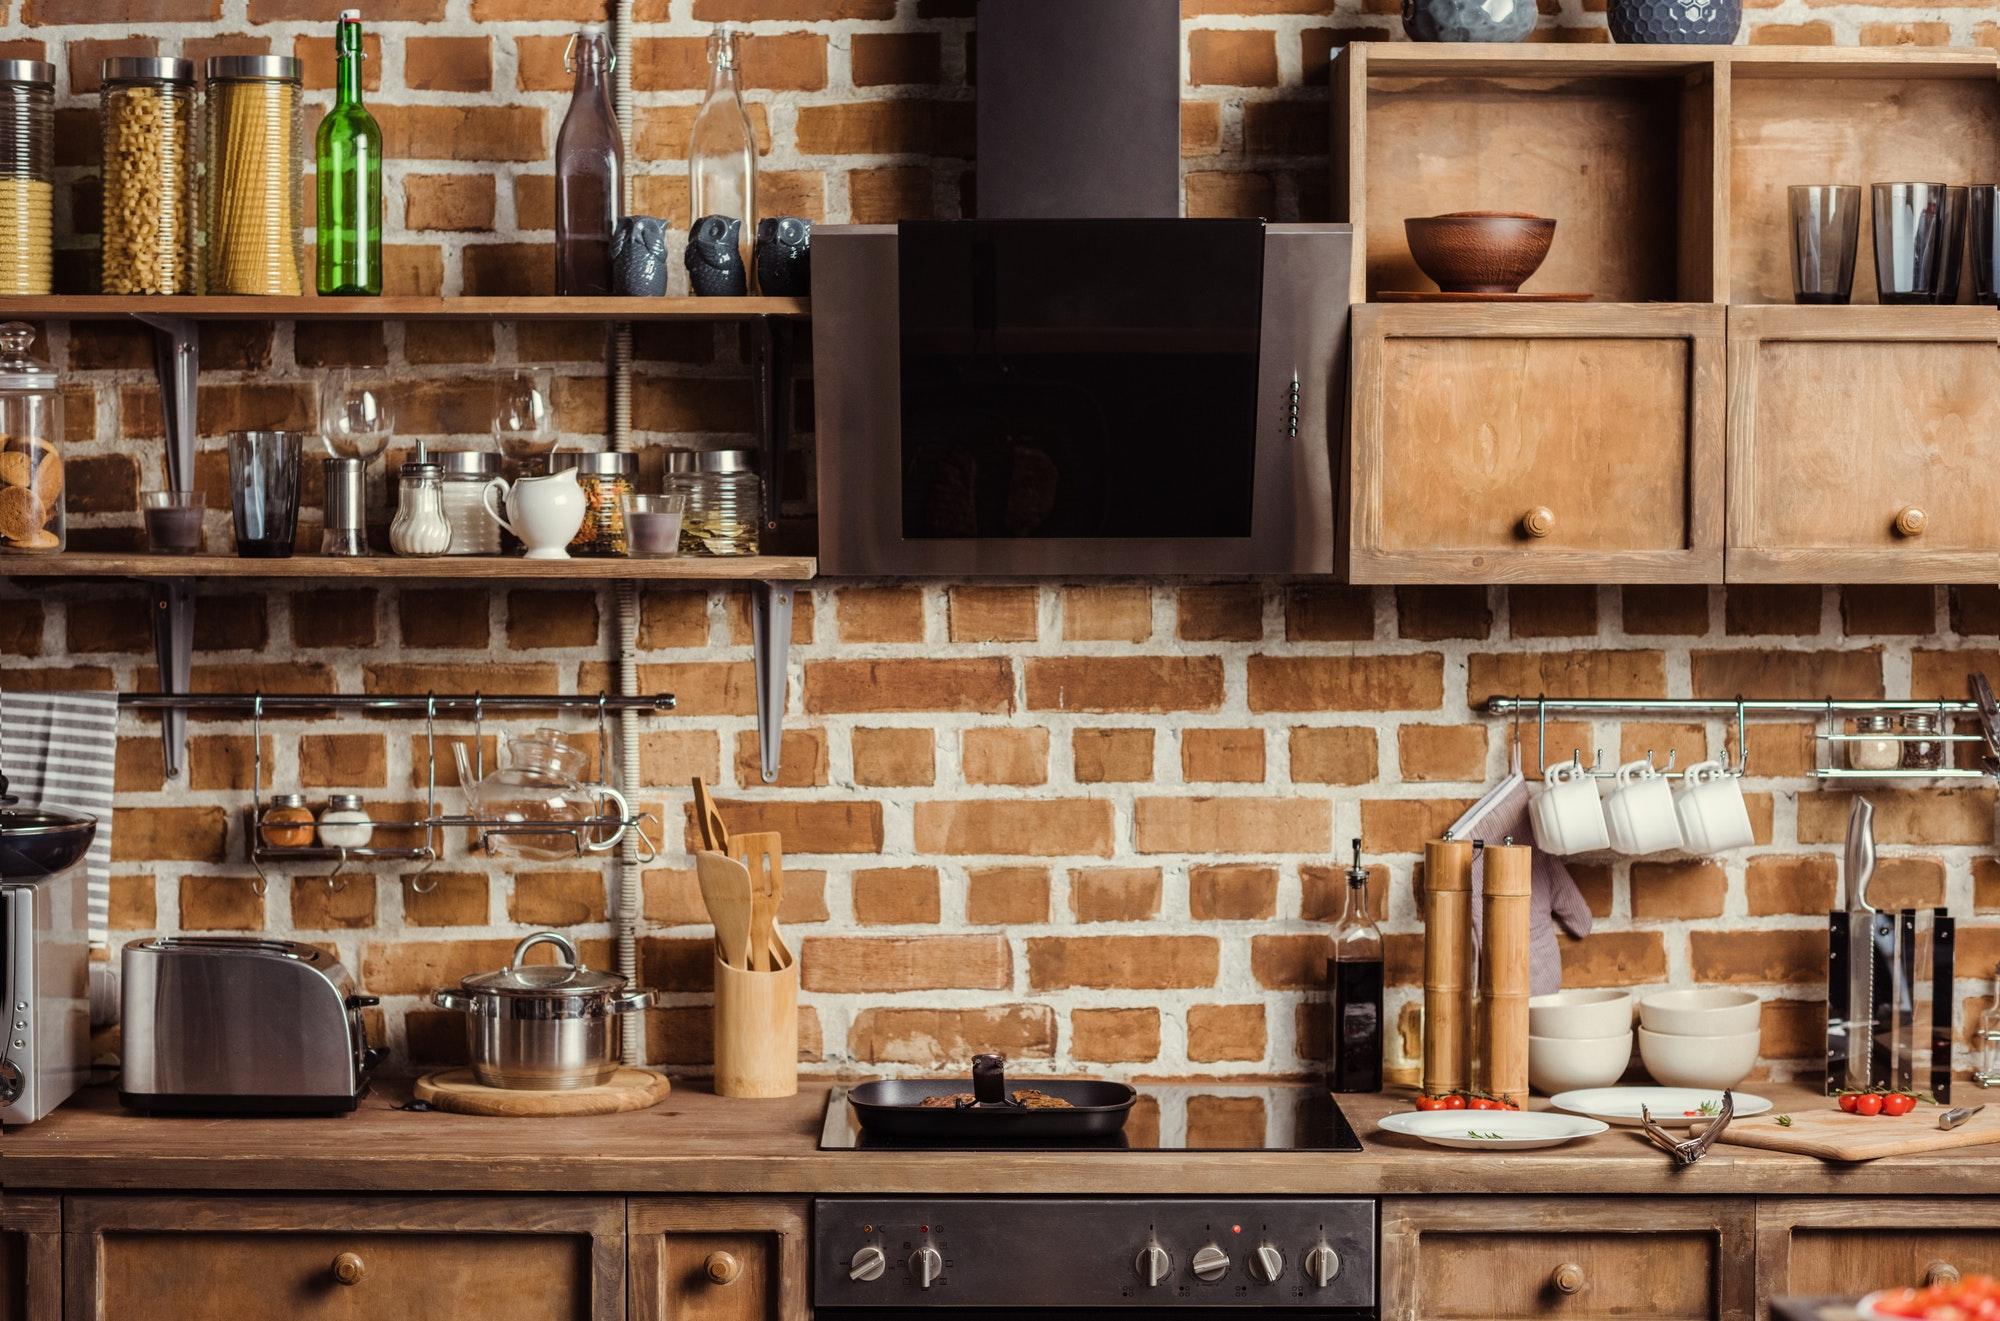 Modern kitchen interior with utensils and kitchen appliances